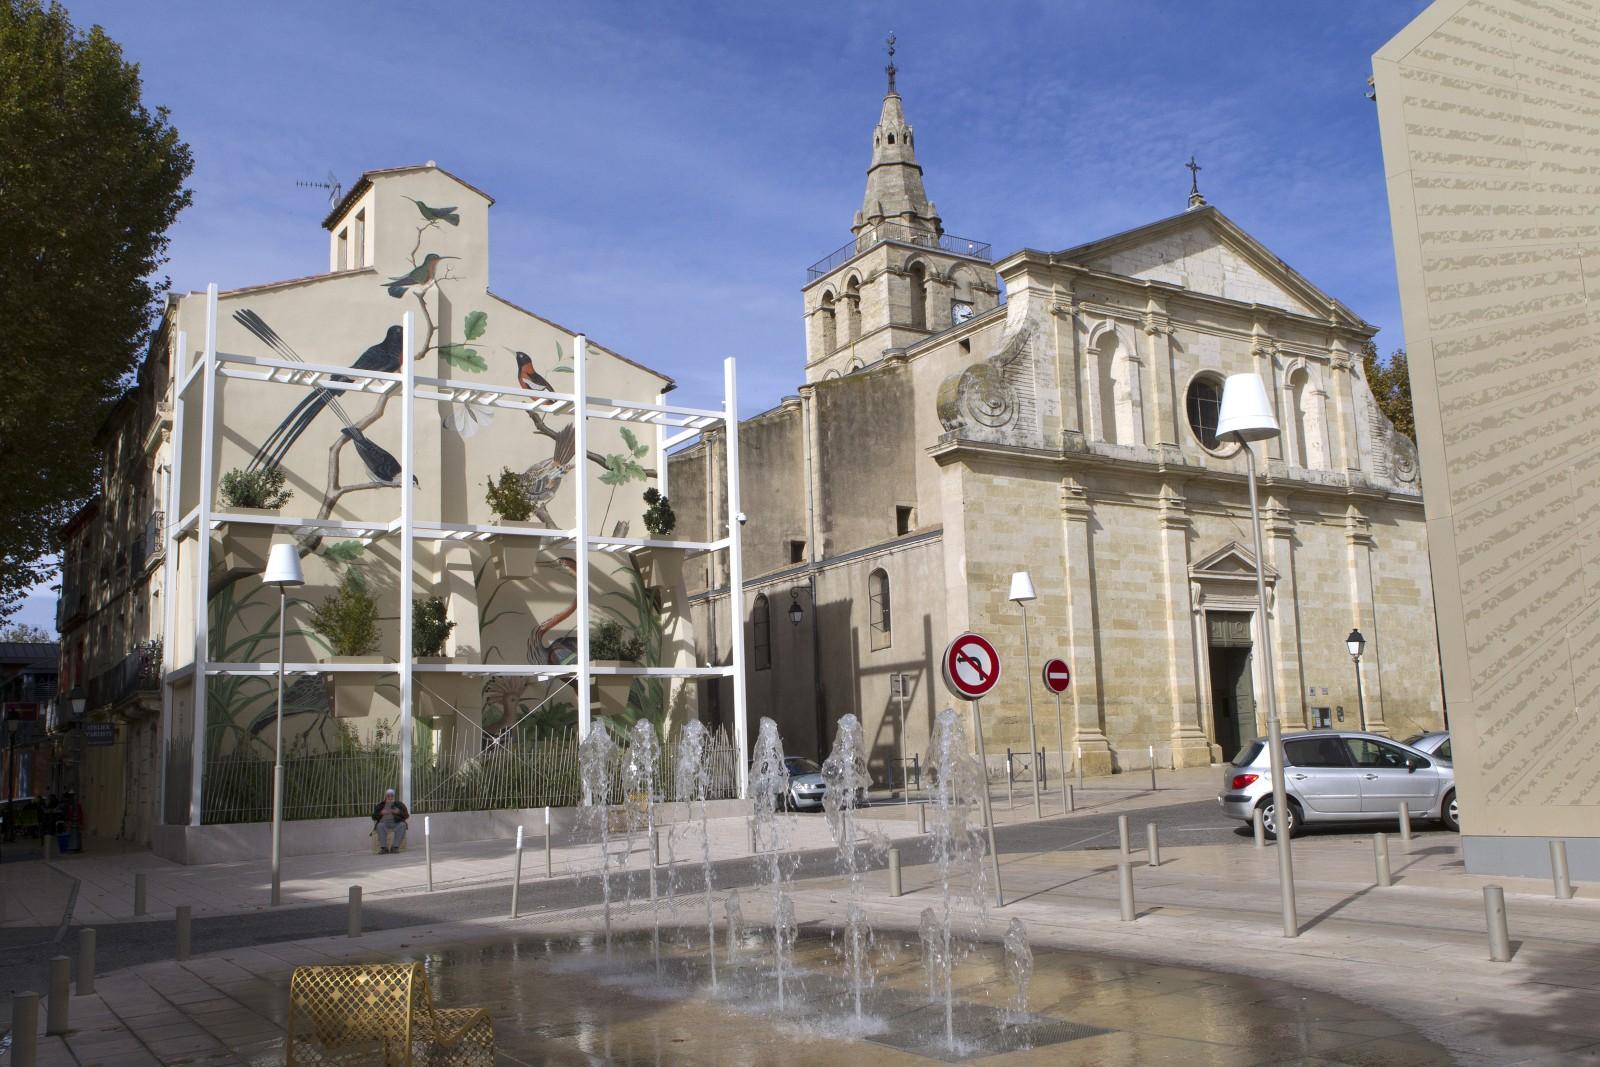 Place des Martyrs et église XVIIe, Lunel. Photo : Guillaume.